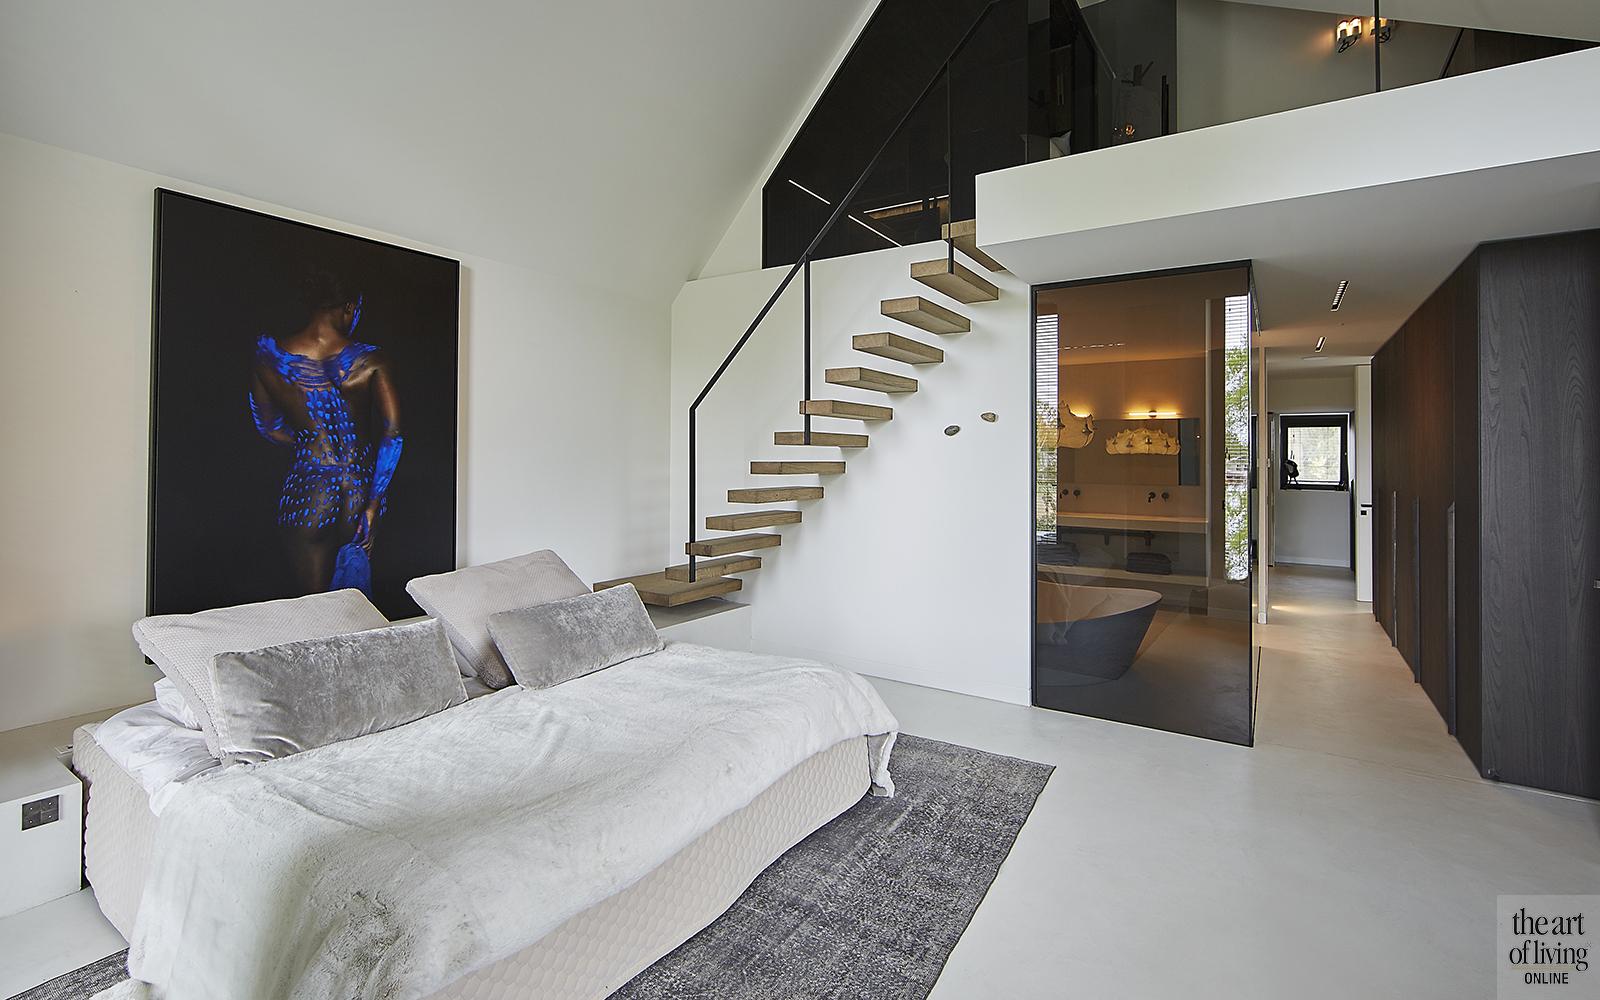 Droomhuis, meijs wonen, the art of living